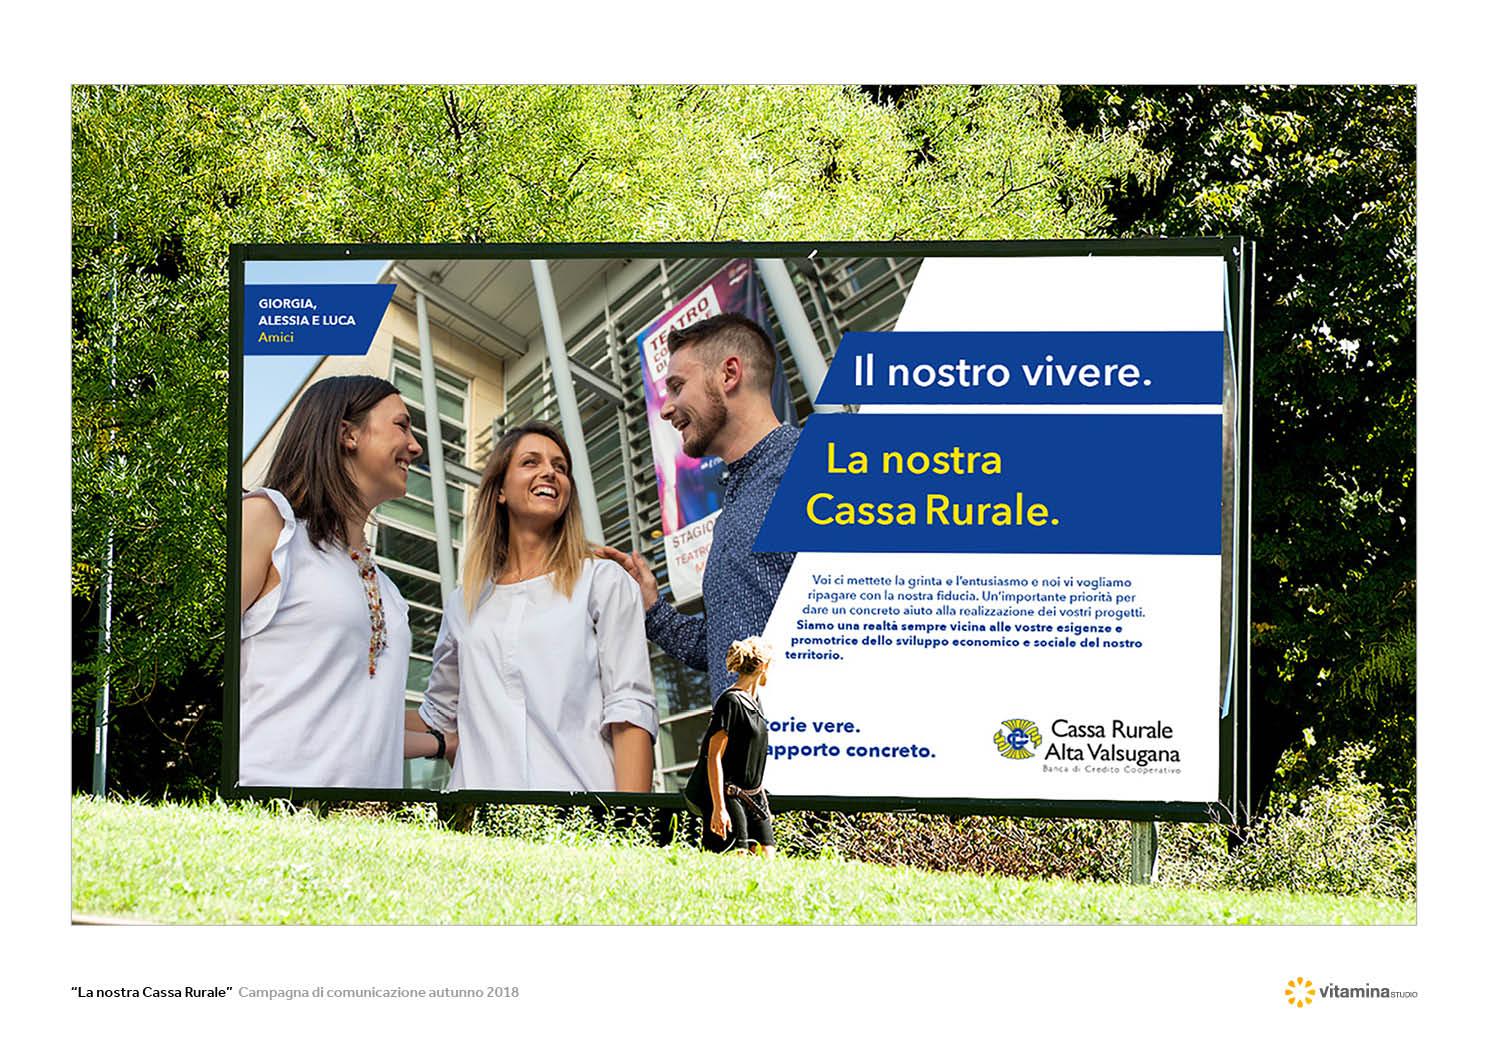 La nostra Cassa Rurale Campagna_8